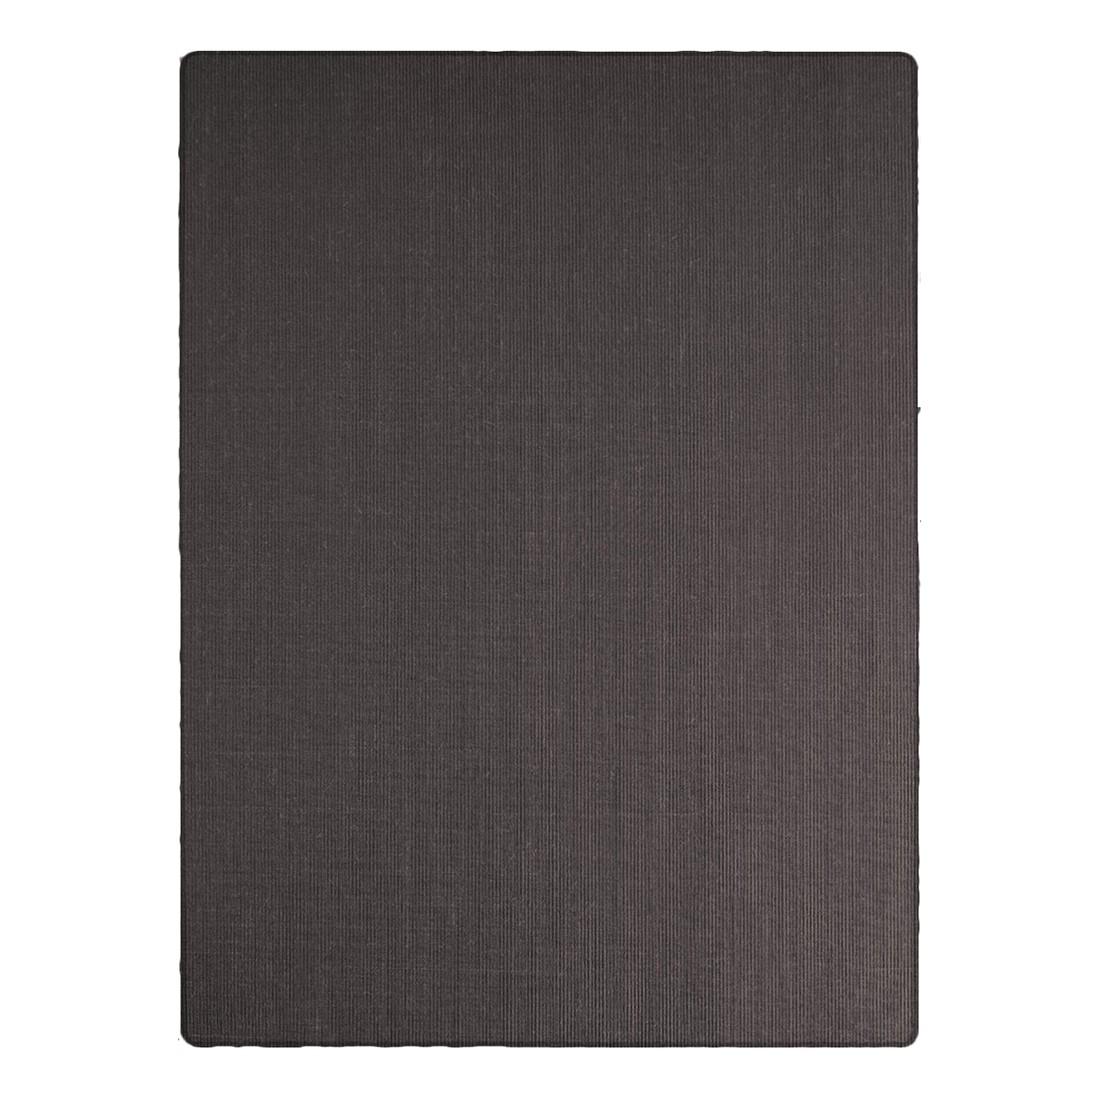 teppich 100 x 250 preisvergleich die besten angebote online kaufen. Black Bedroom Furniture Sets. Home Design Ideas